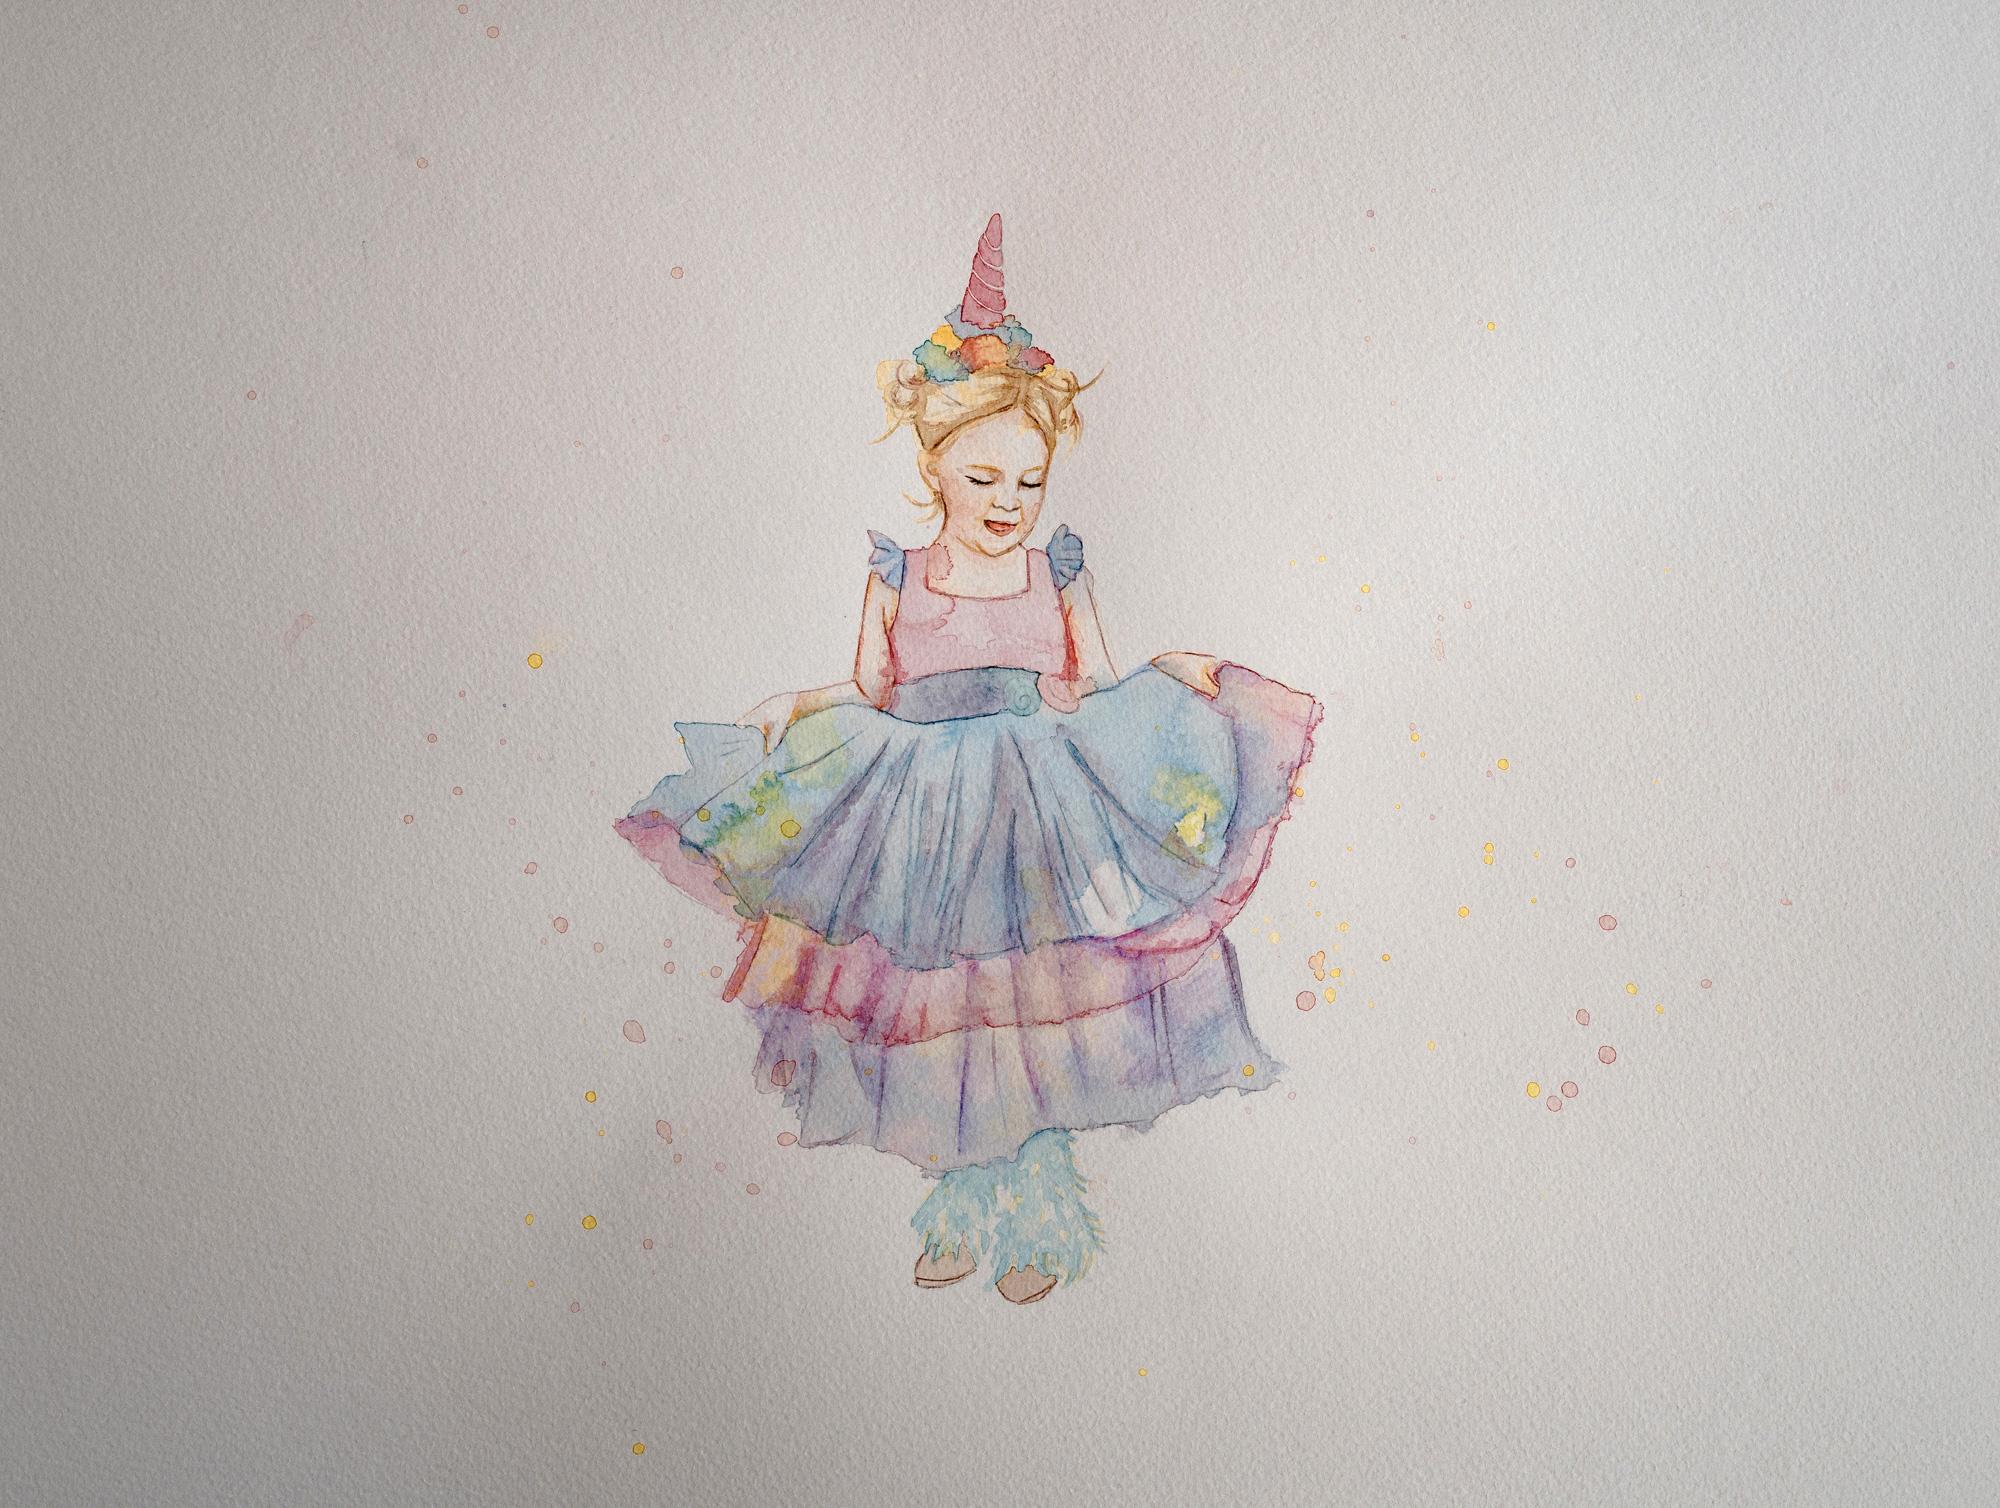 Aquarellbild eines Mädchens im Einhornkostüm